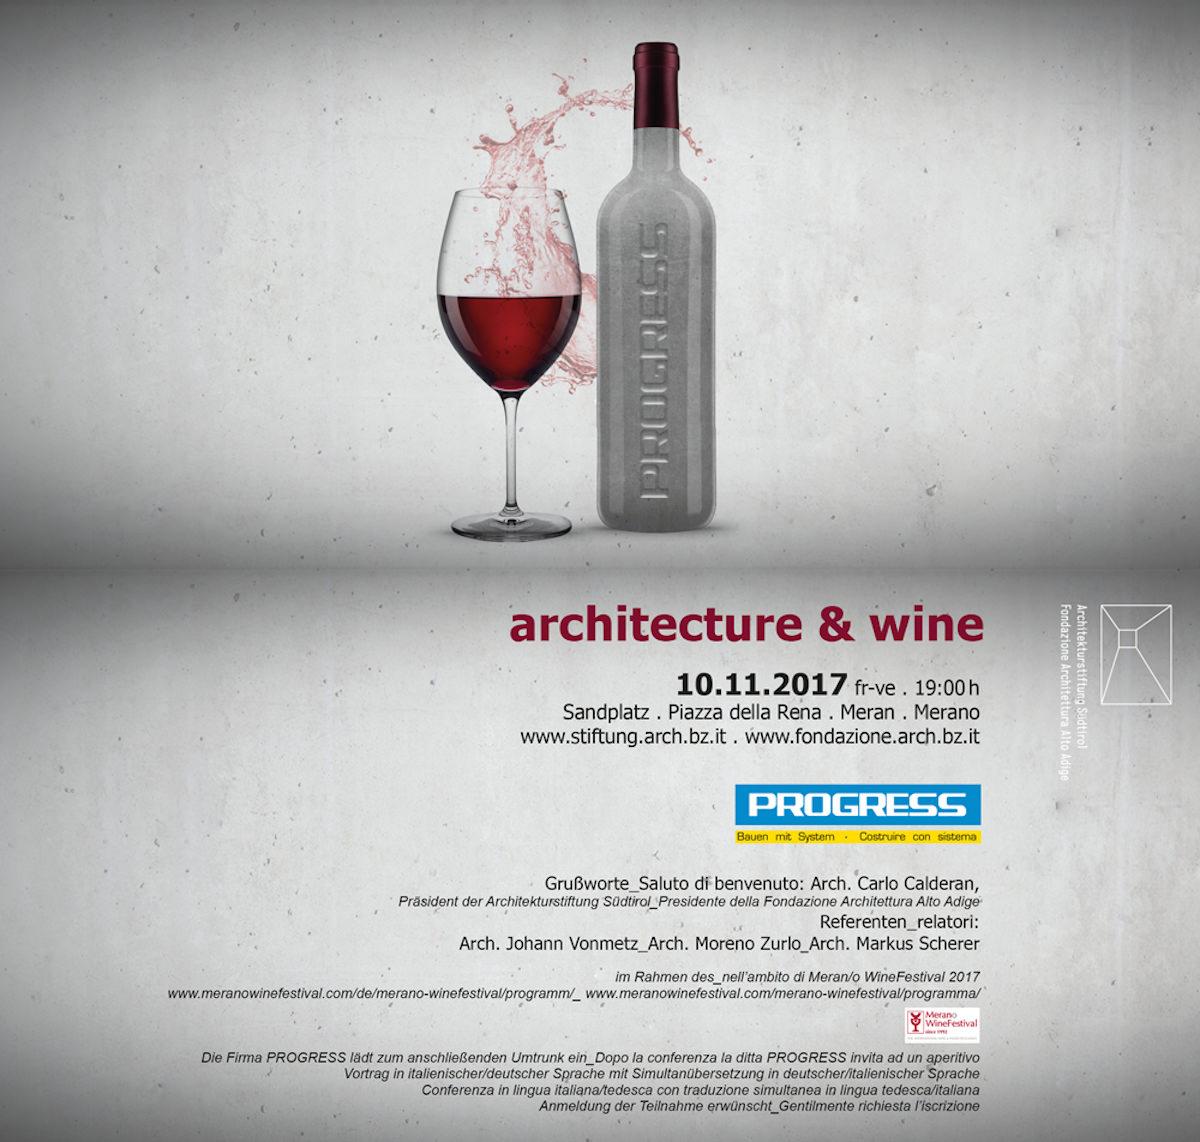 architecture & wine